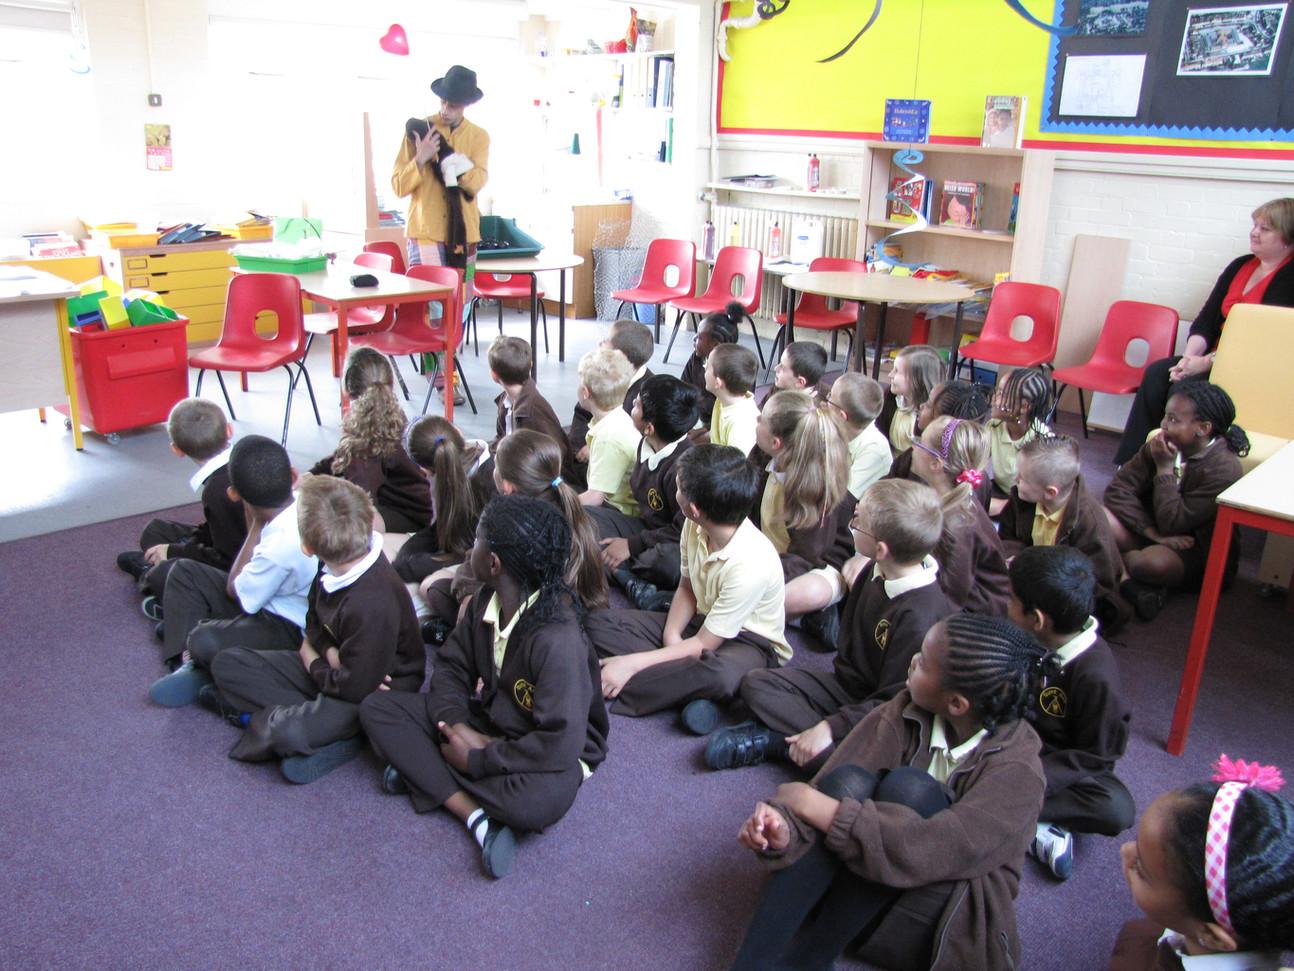 Jumelage avec des enfants d'une école de lonfres...